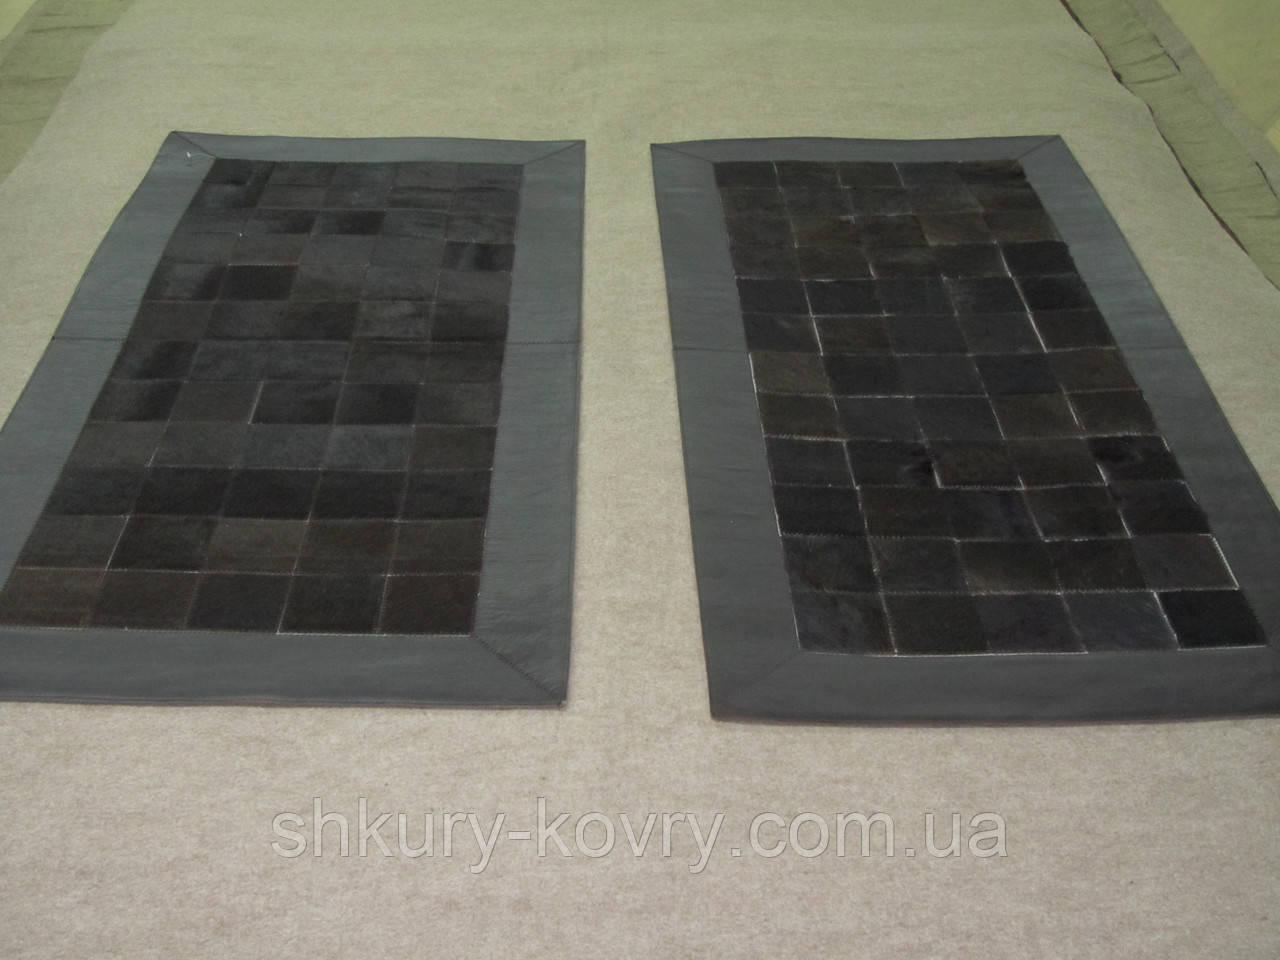 Комплект прикроватных ковриков из шкуры коровы черная с кожаным кантом